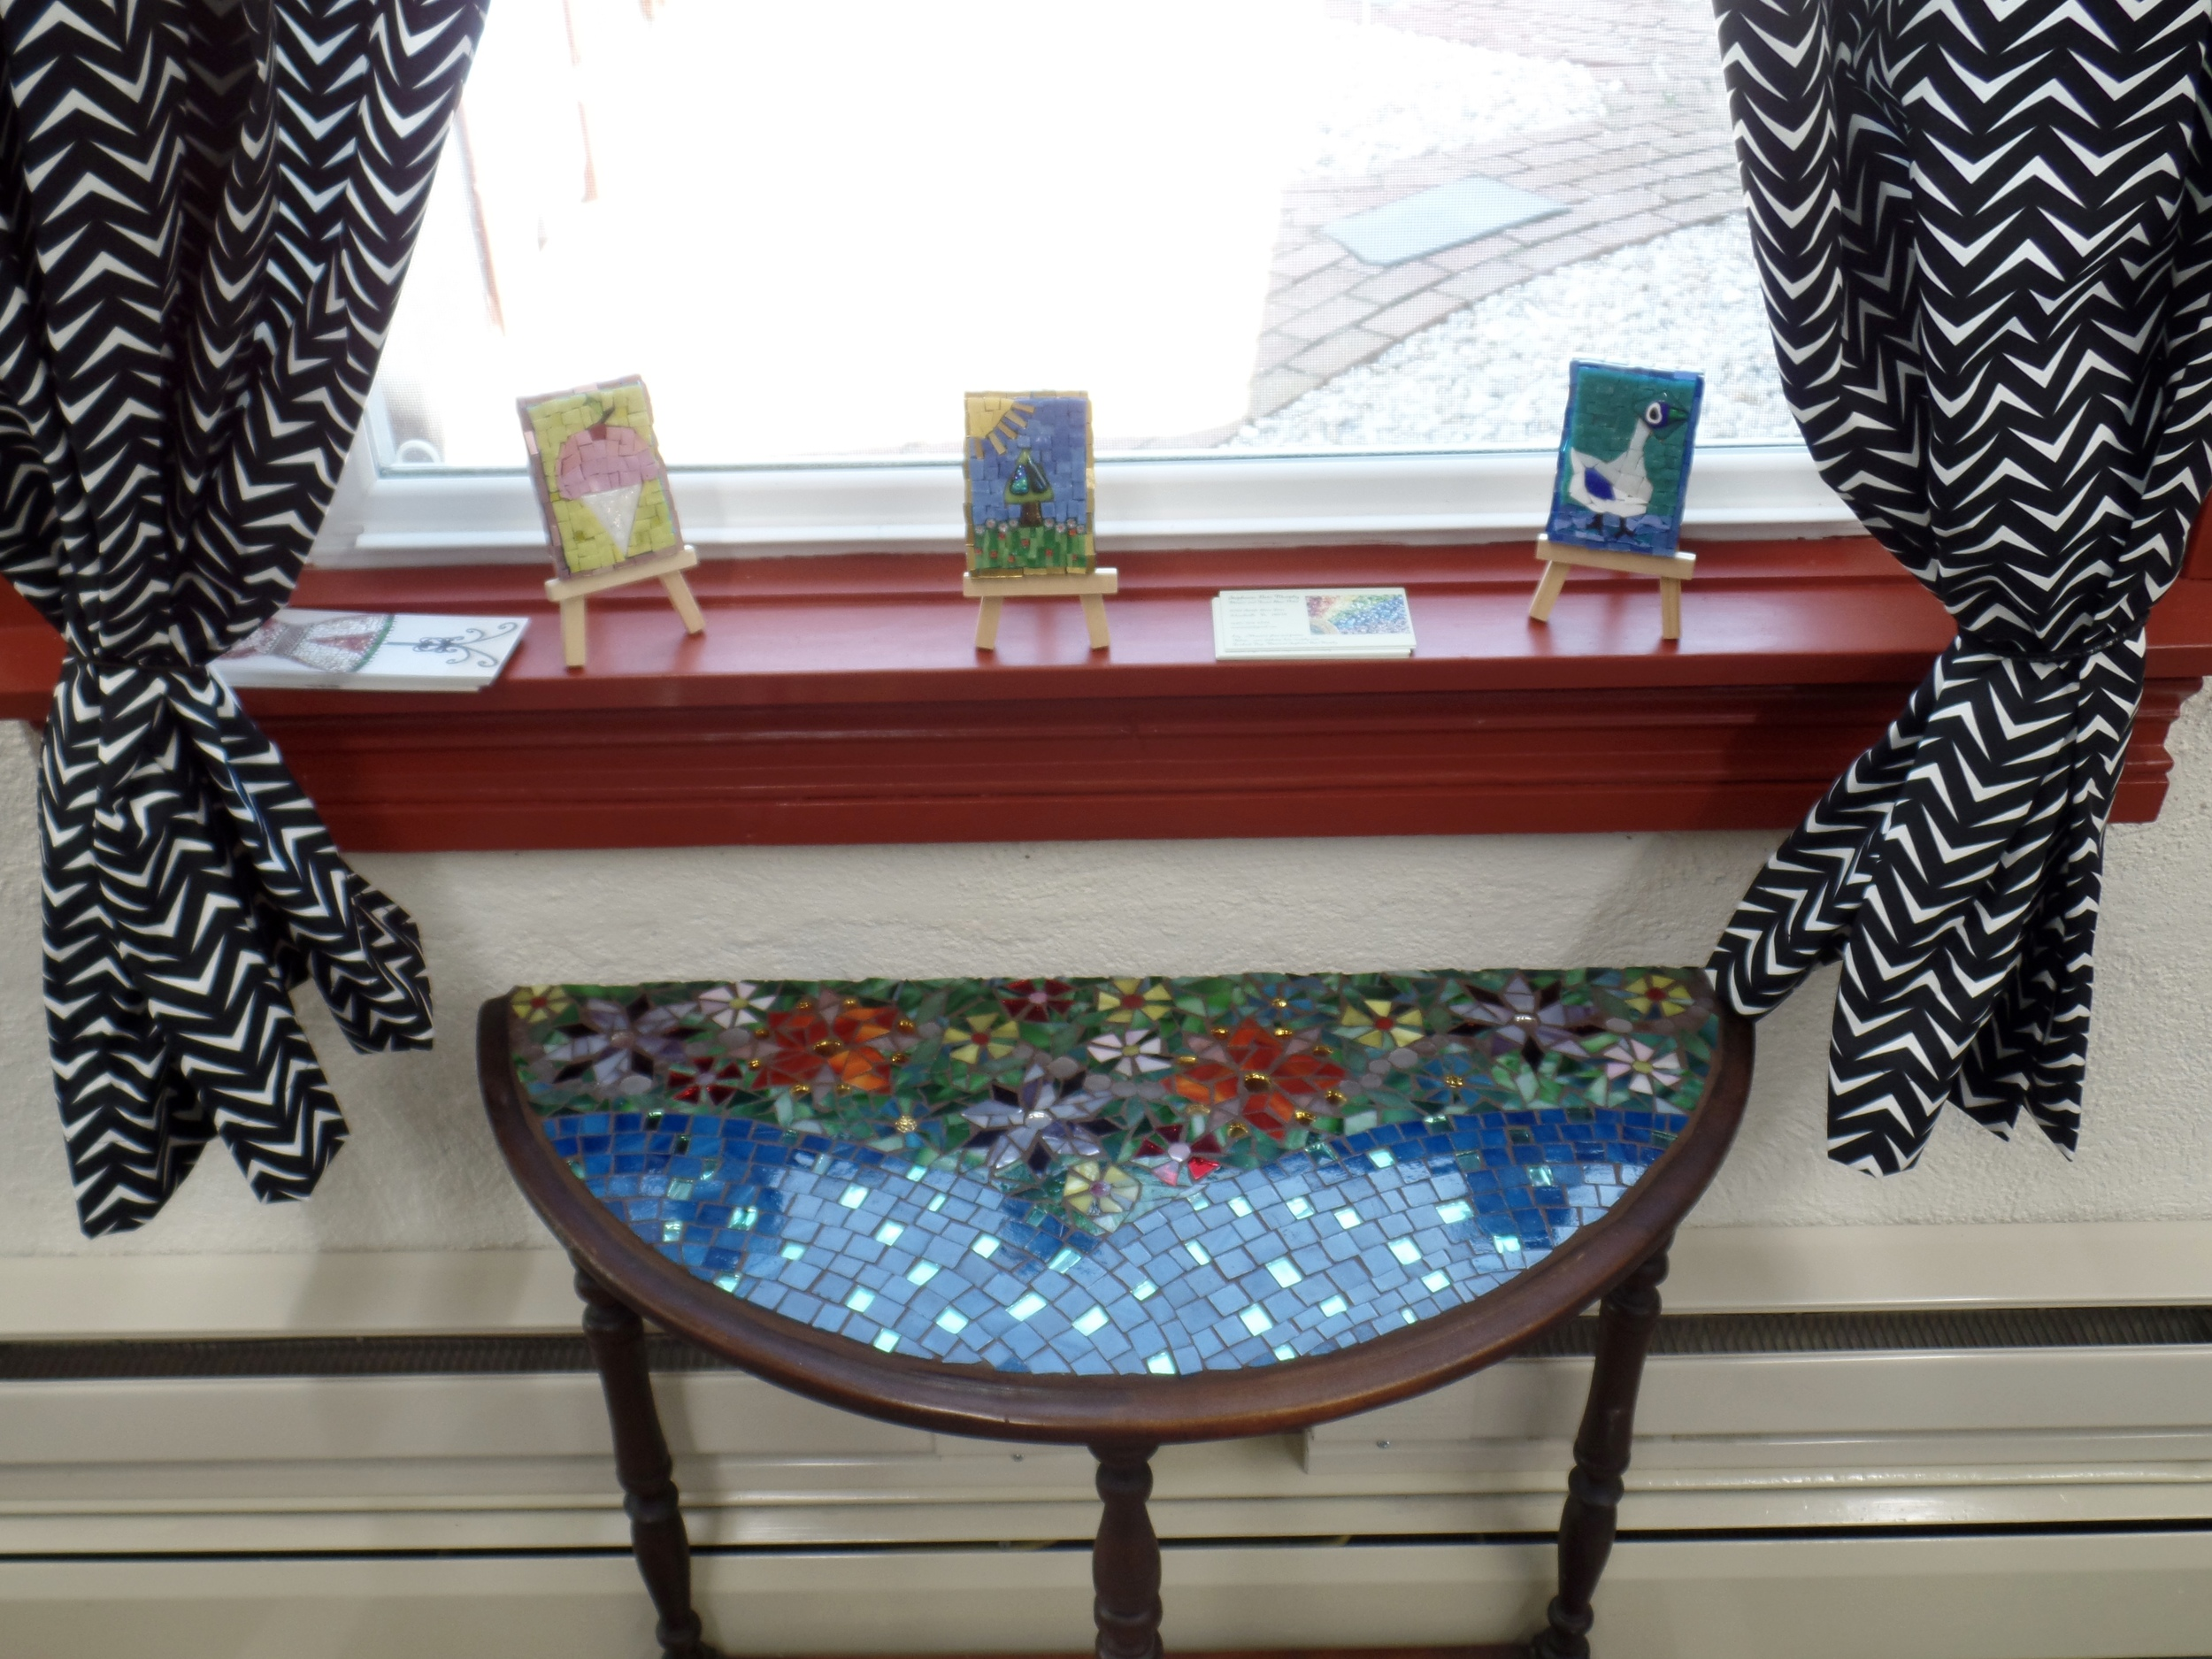 Antique table repurposed with mini-mosaics